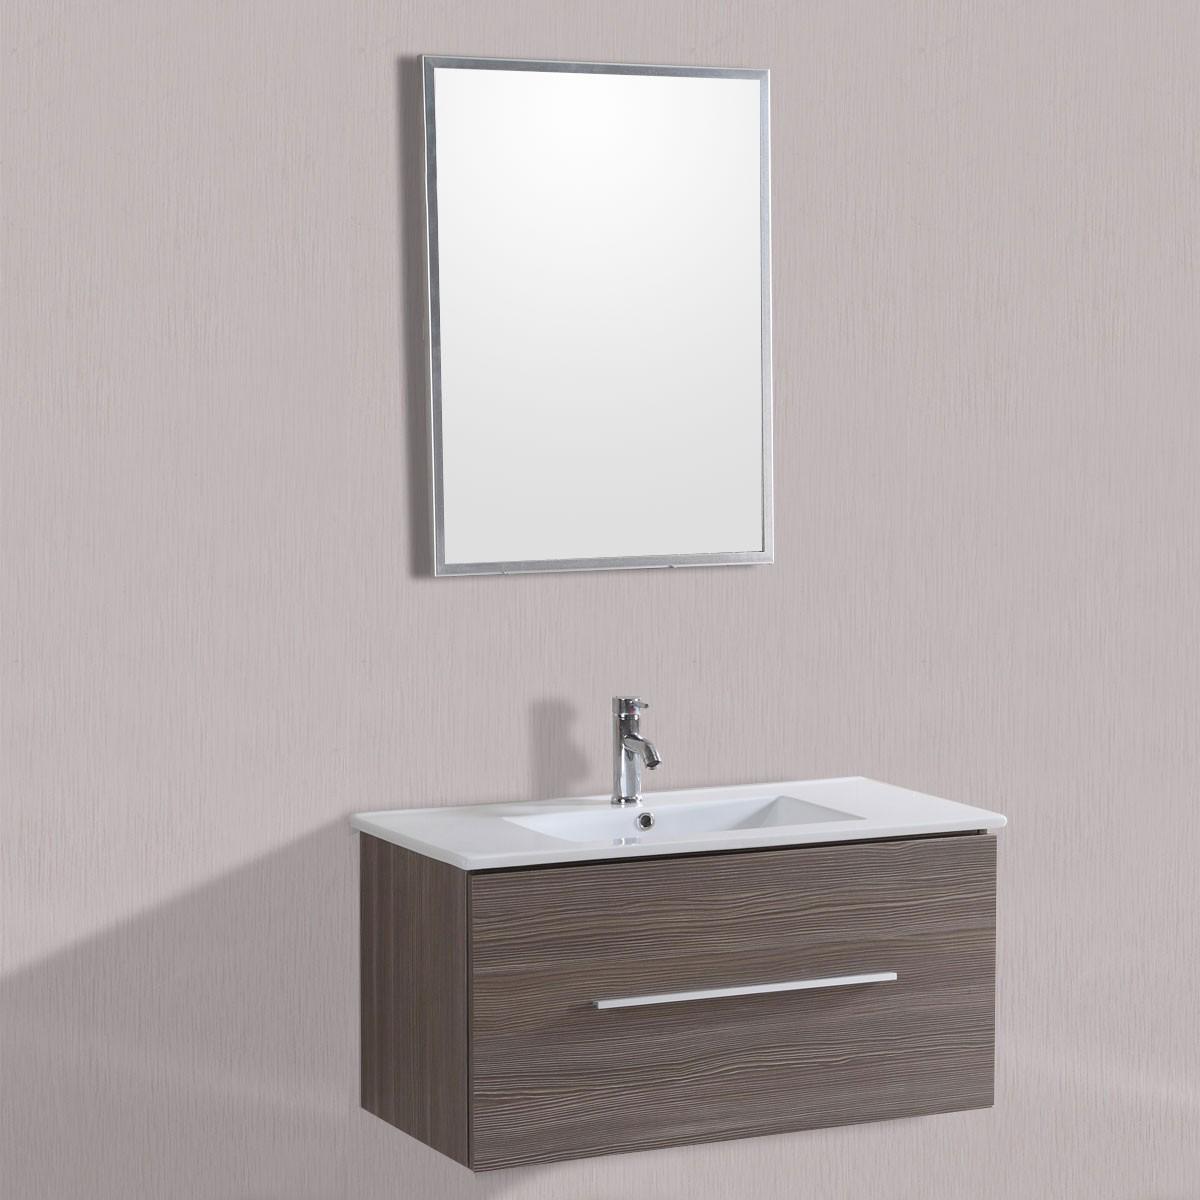 40 po Meuble Salle de Bain Suspendu au Mur à Lavabo Simple avec Miroir (DK-T5010C-SET)